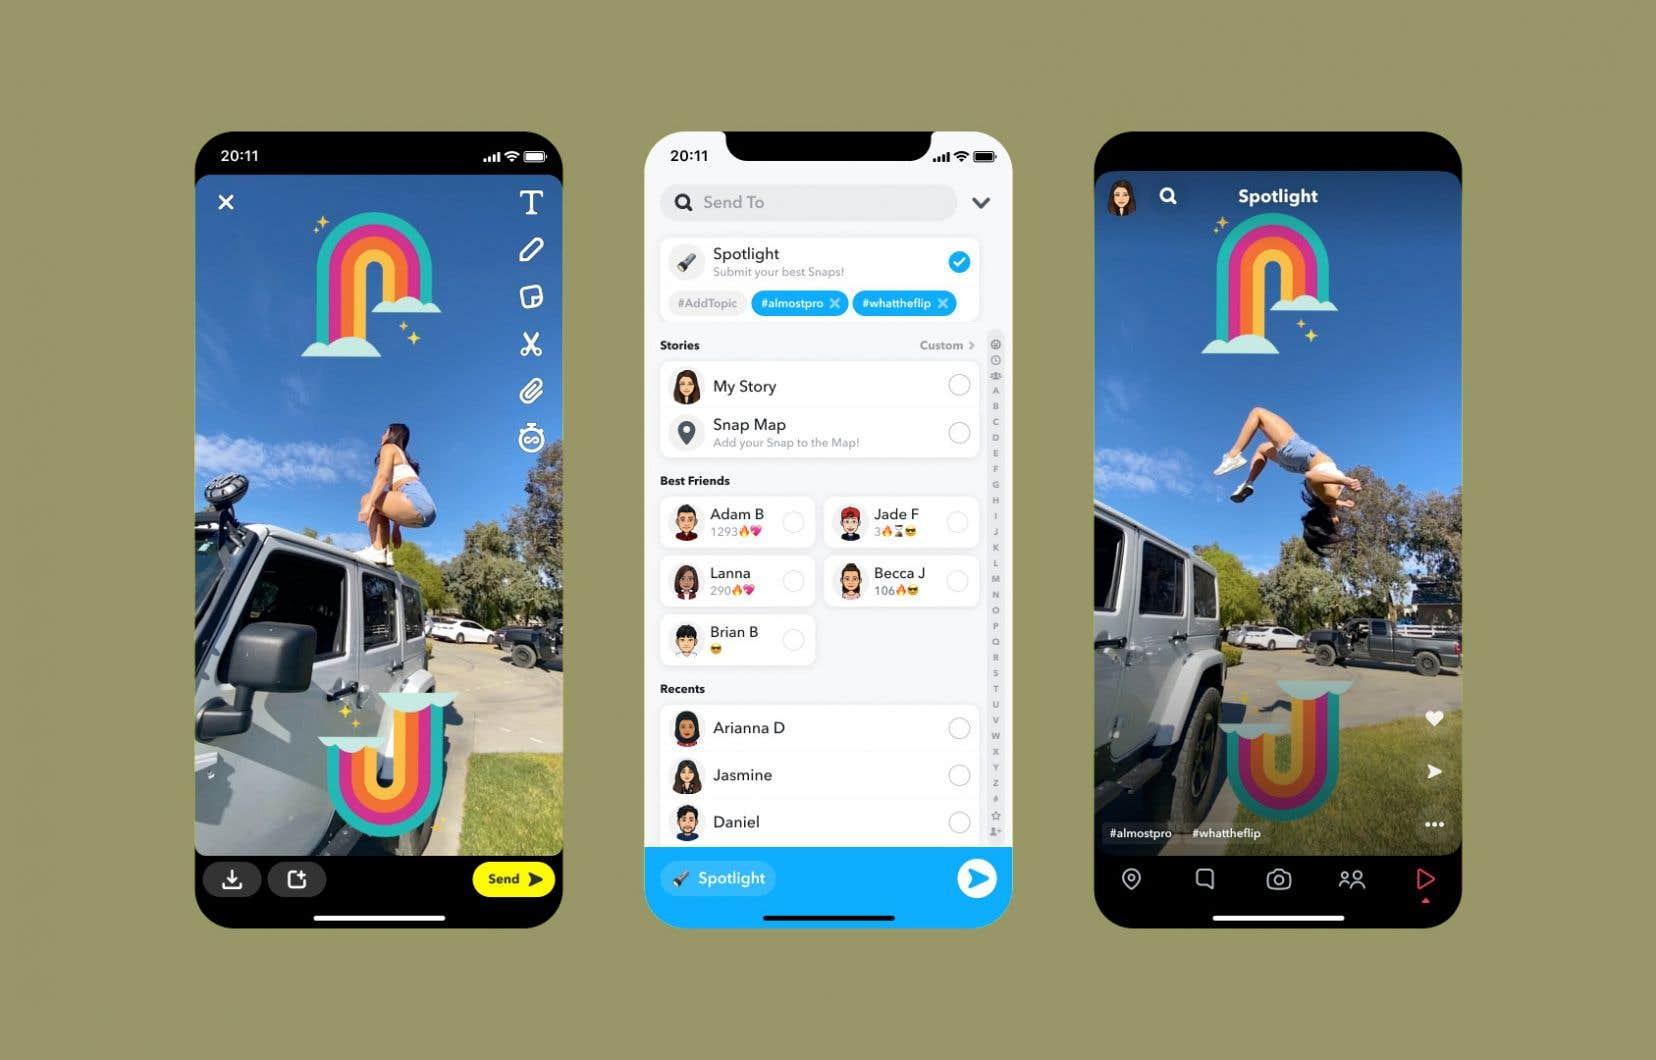 Le 23 novembre dernier,Snapchat a dévoilé sa dernière fonctionnalité appelée Spotlight.